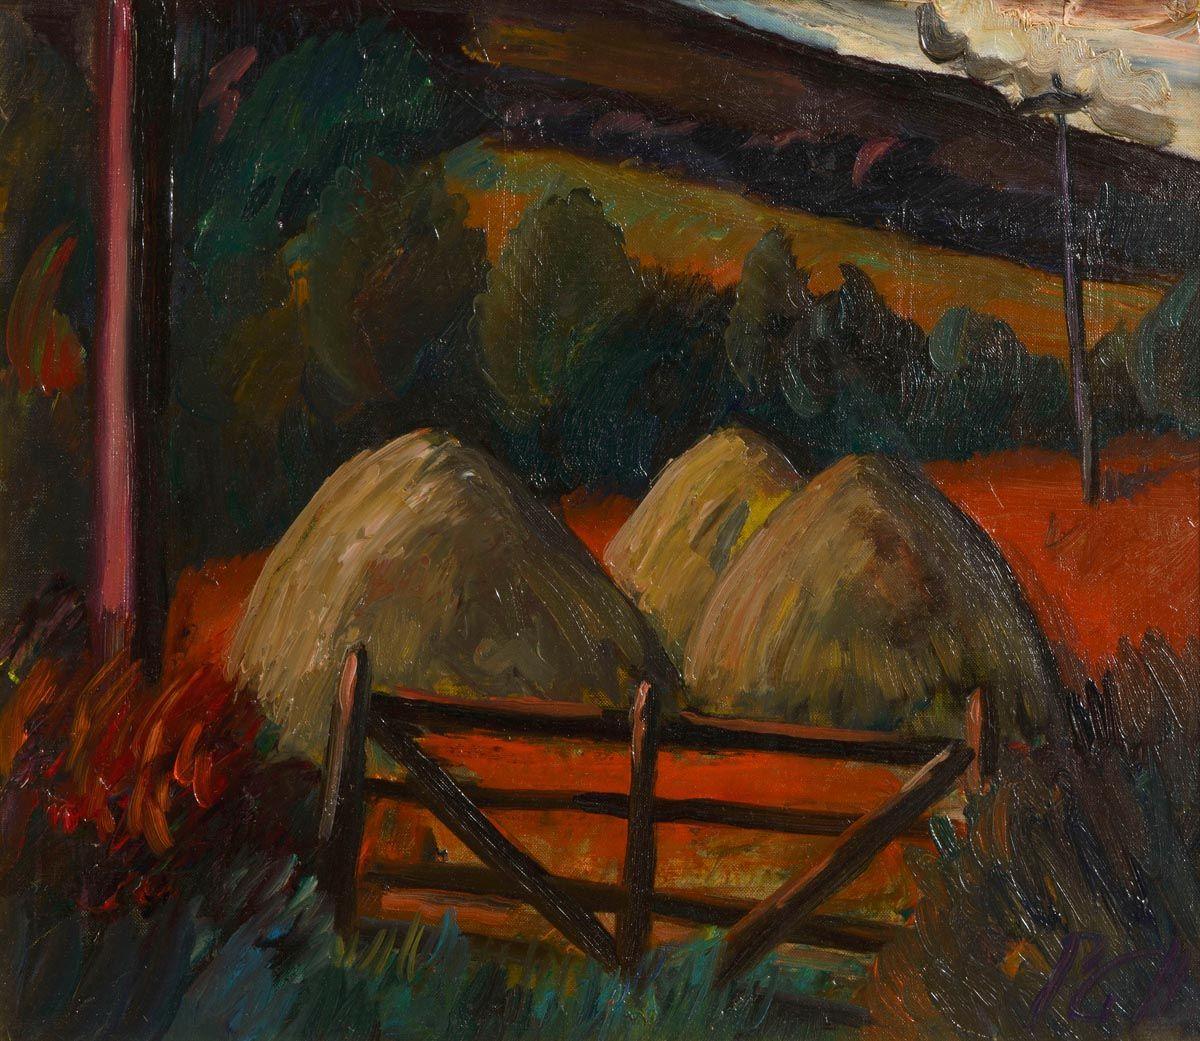 Peter Collis RHA (1929-2012), Farm Gate at Morgan O'Driscoll Art Auctions